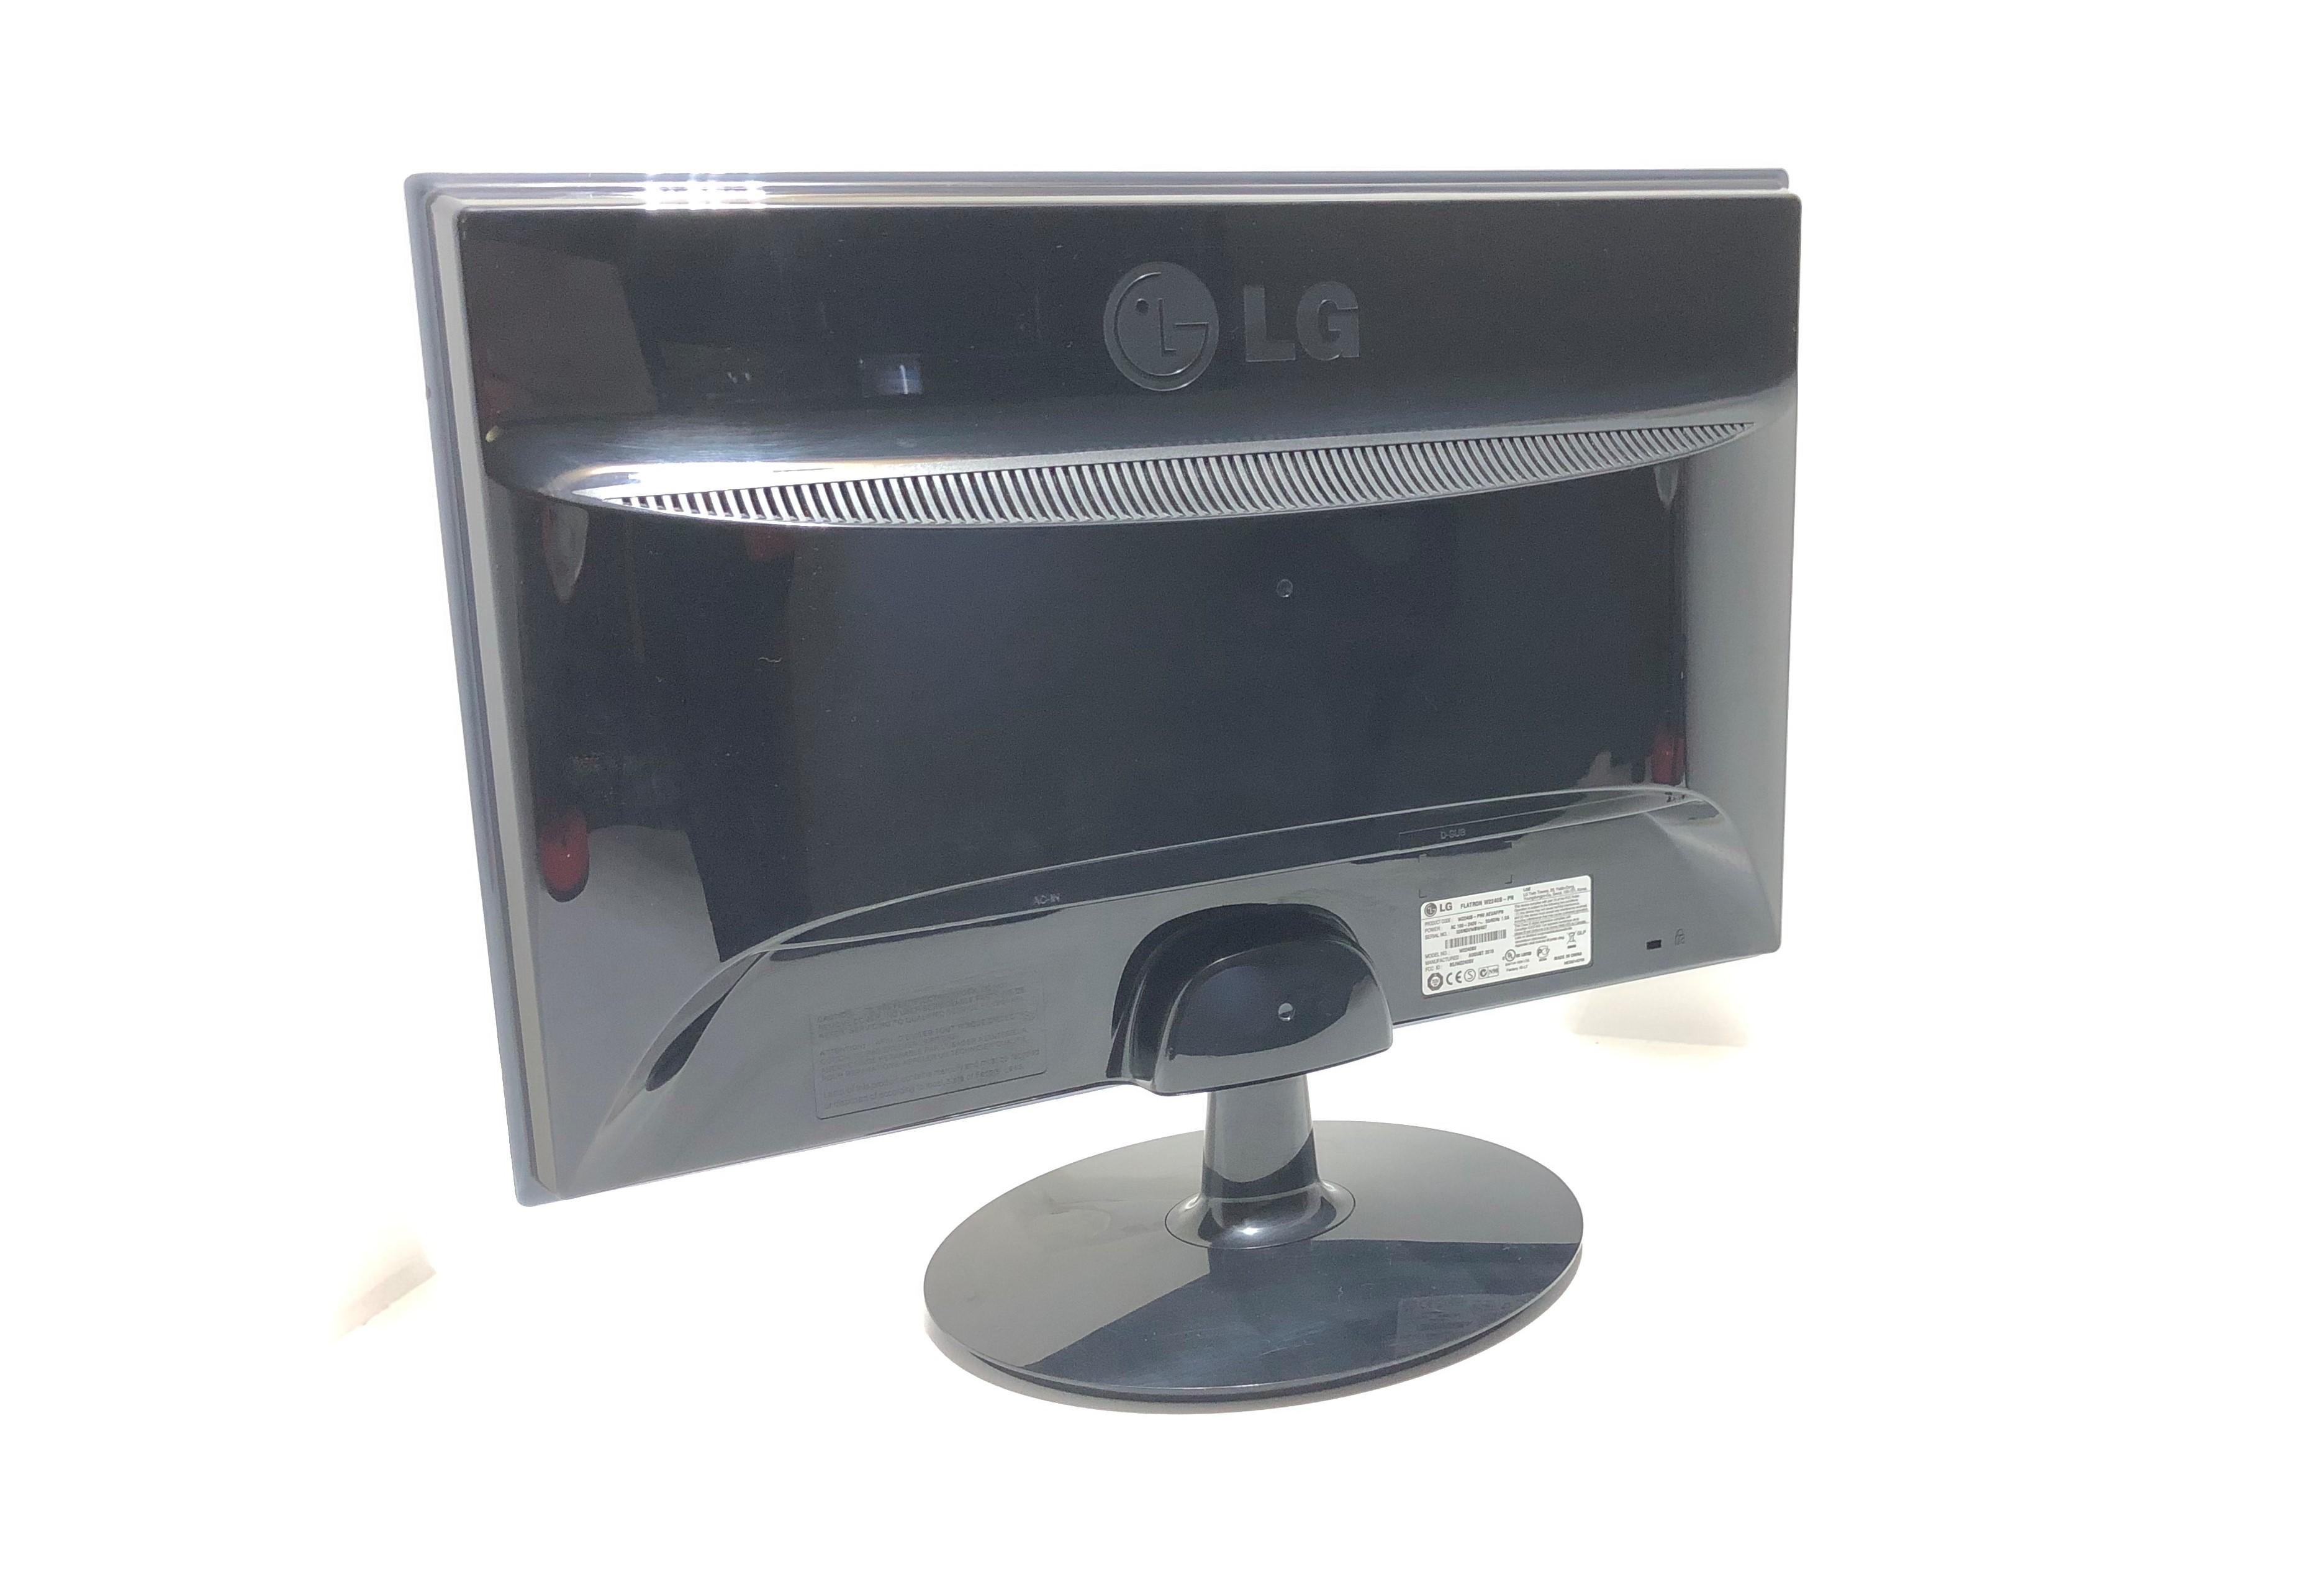 LG W2240s No 3